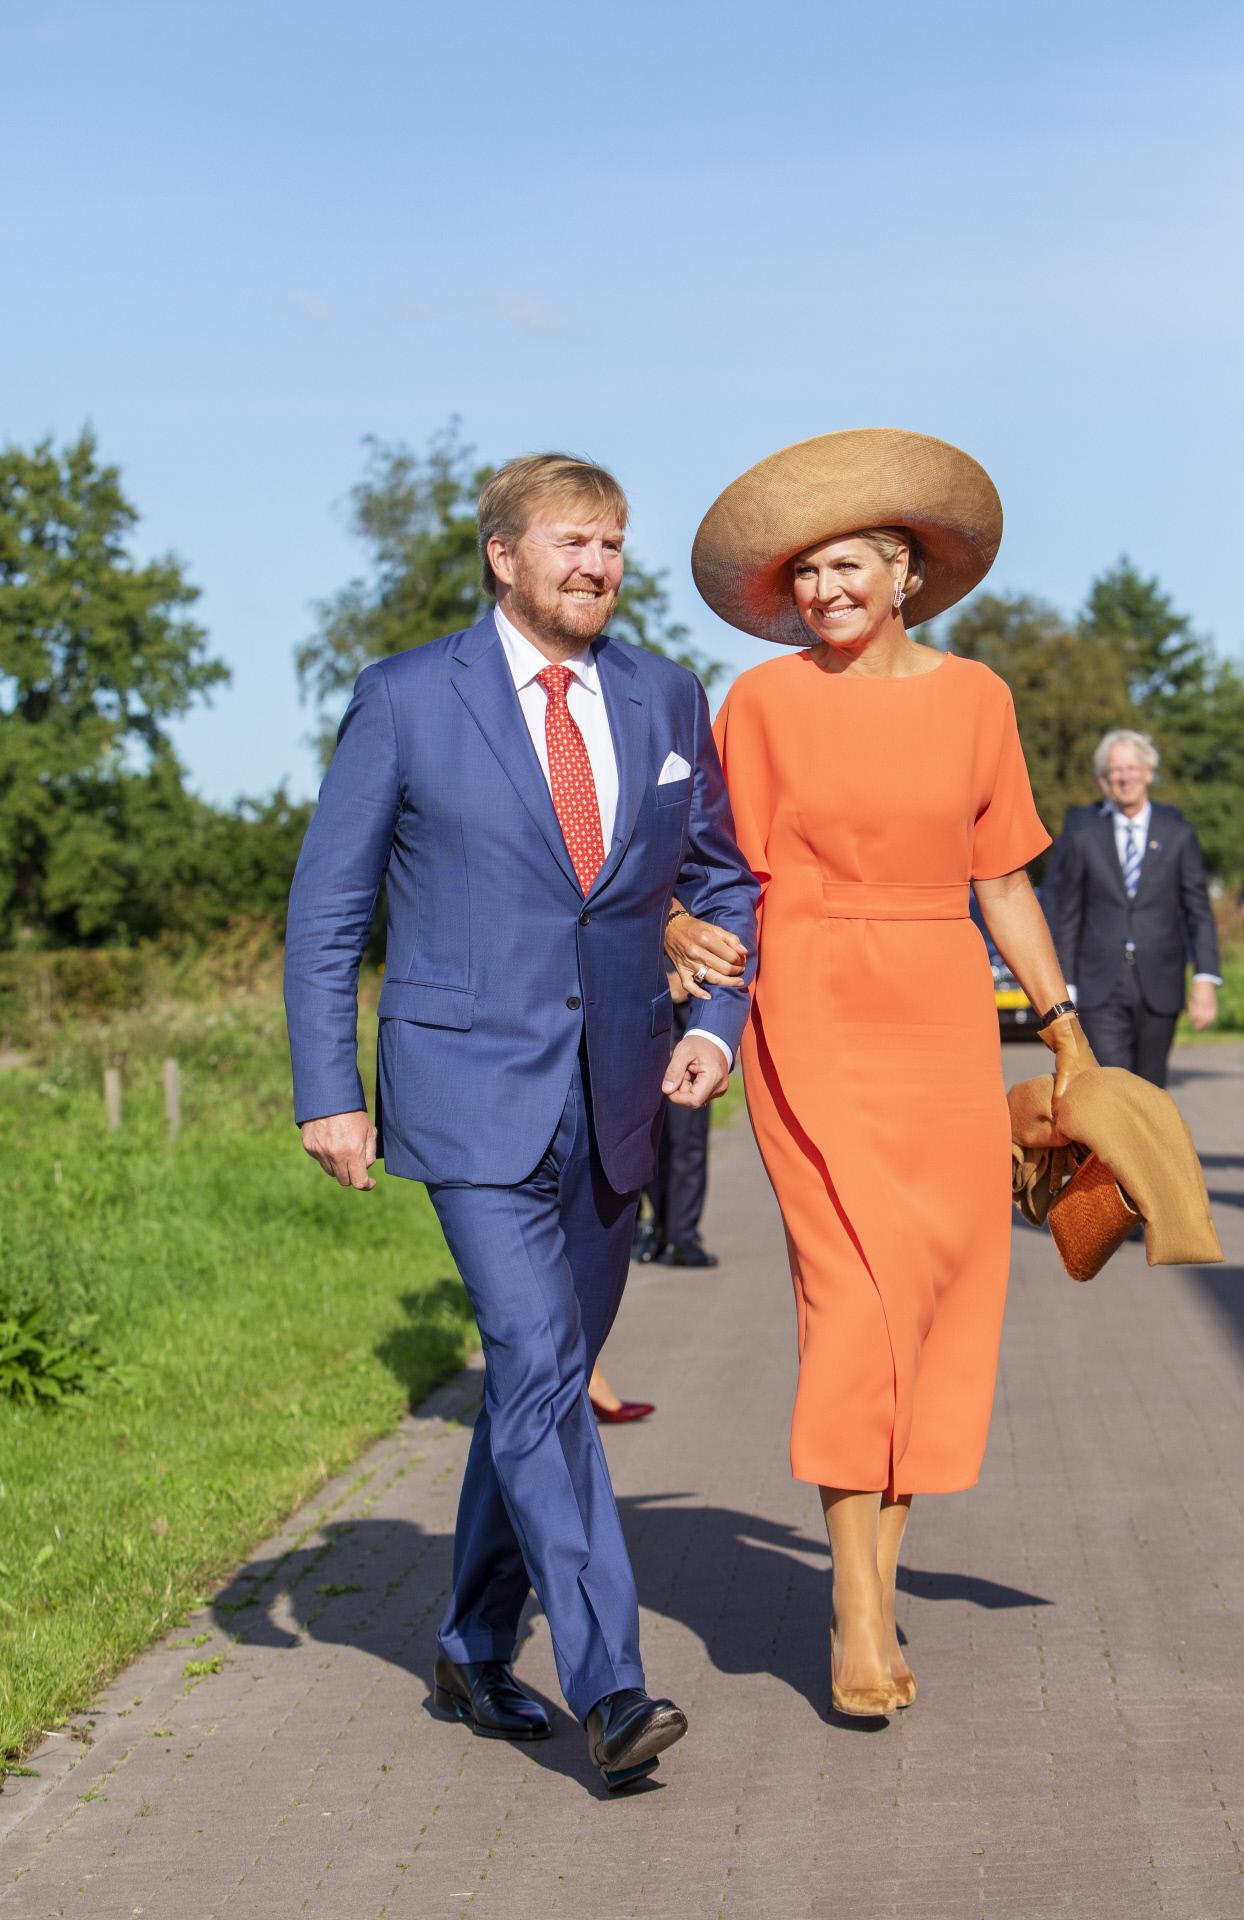 Los reyes de Los Países Bajos, Guillermo y Máxima, en una visita en la región de Frisia Suboriental.